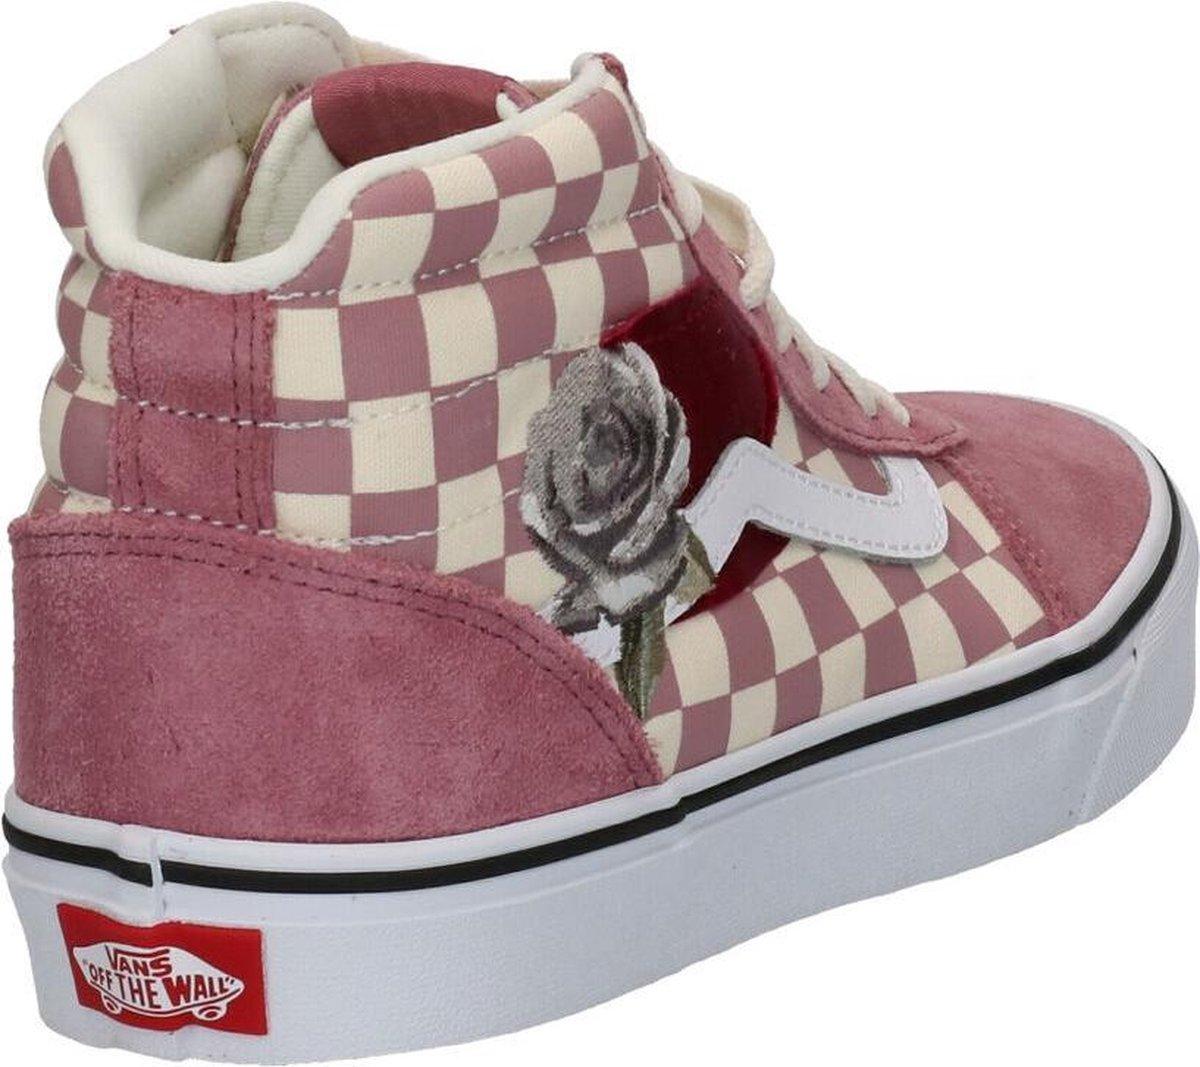 Vans Wm Ward Hi Dames Sneakers - (Patchwork) Checker/Rose - Maat 36.5 O2MMI